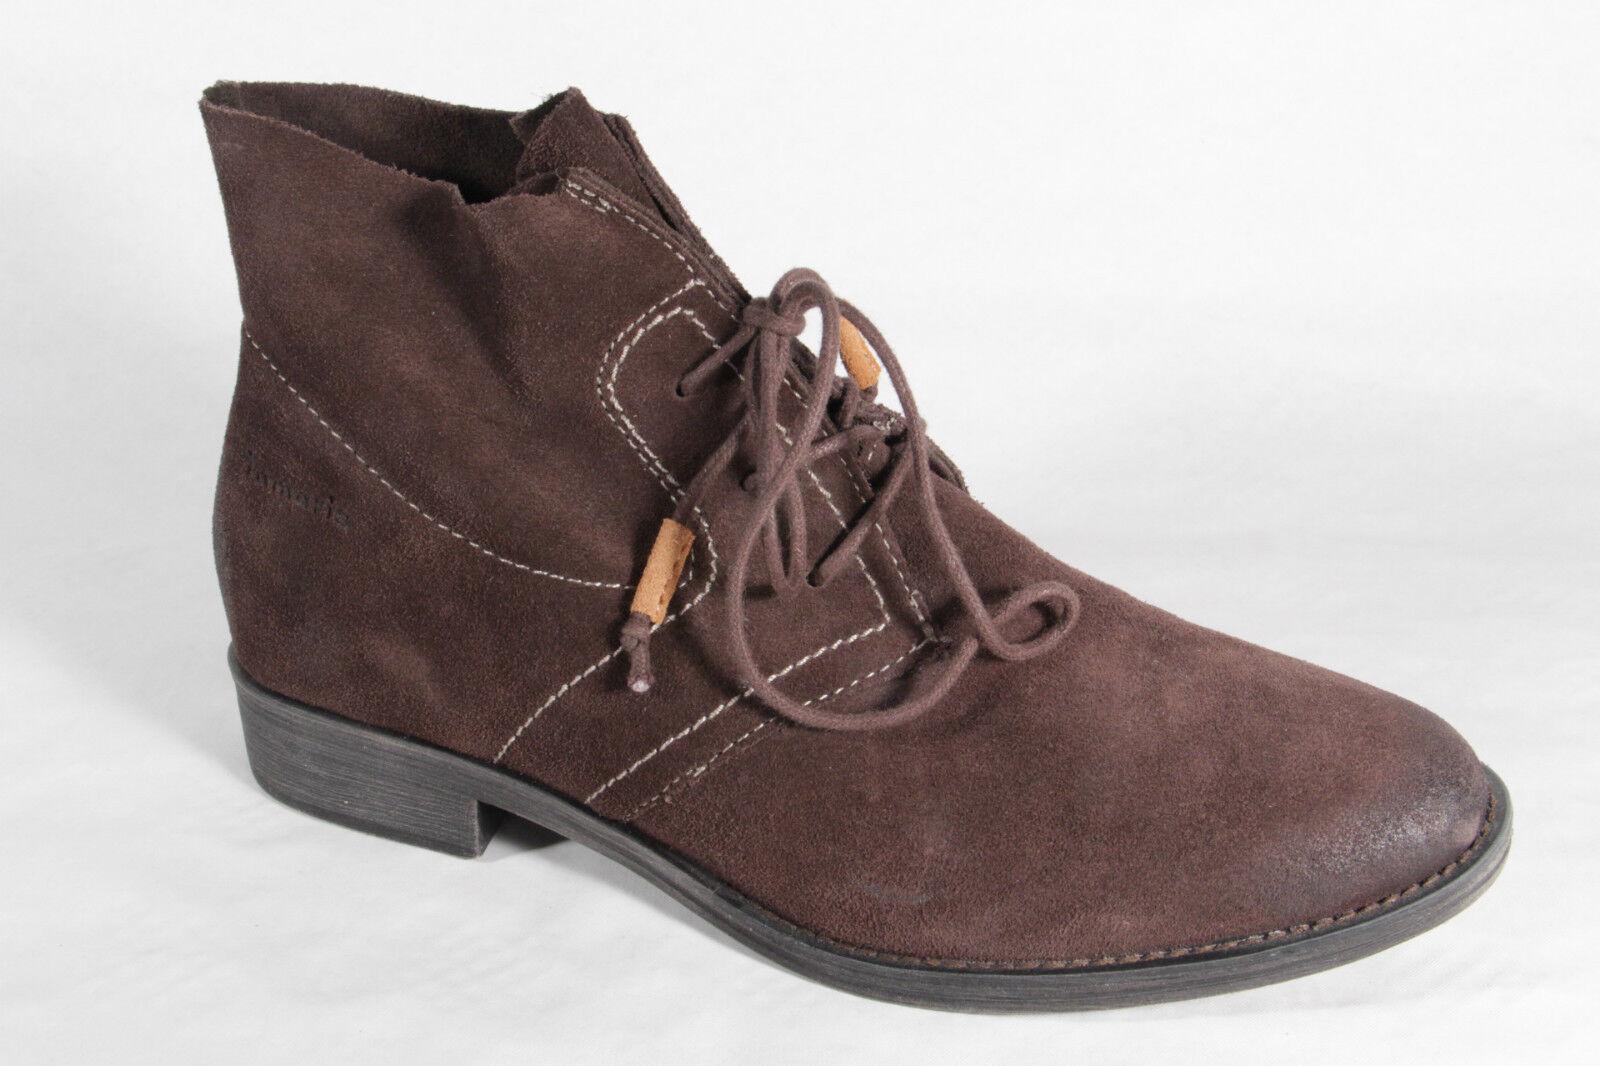 Señora botines, genuino botas, botas de cuero genuino botines, marrón nuevo 2c473f